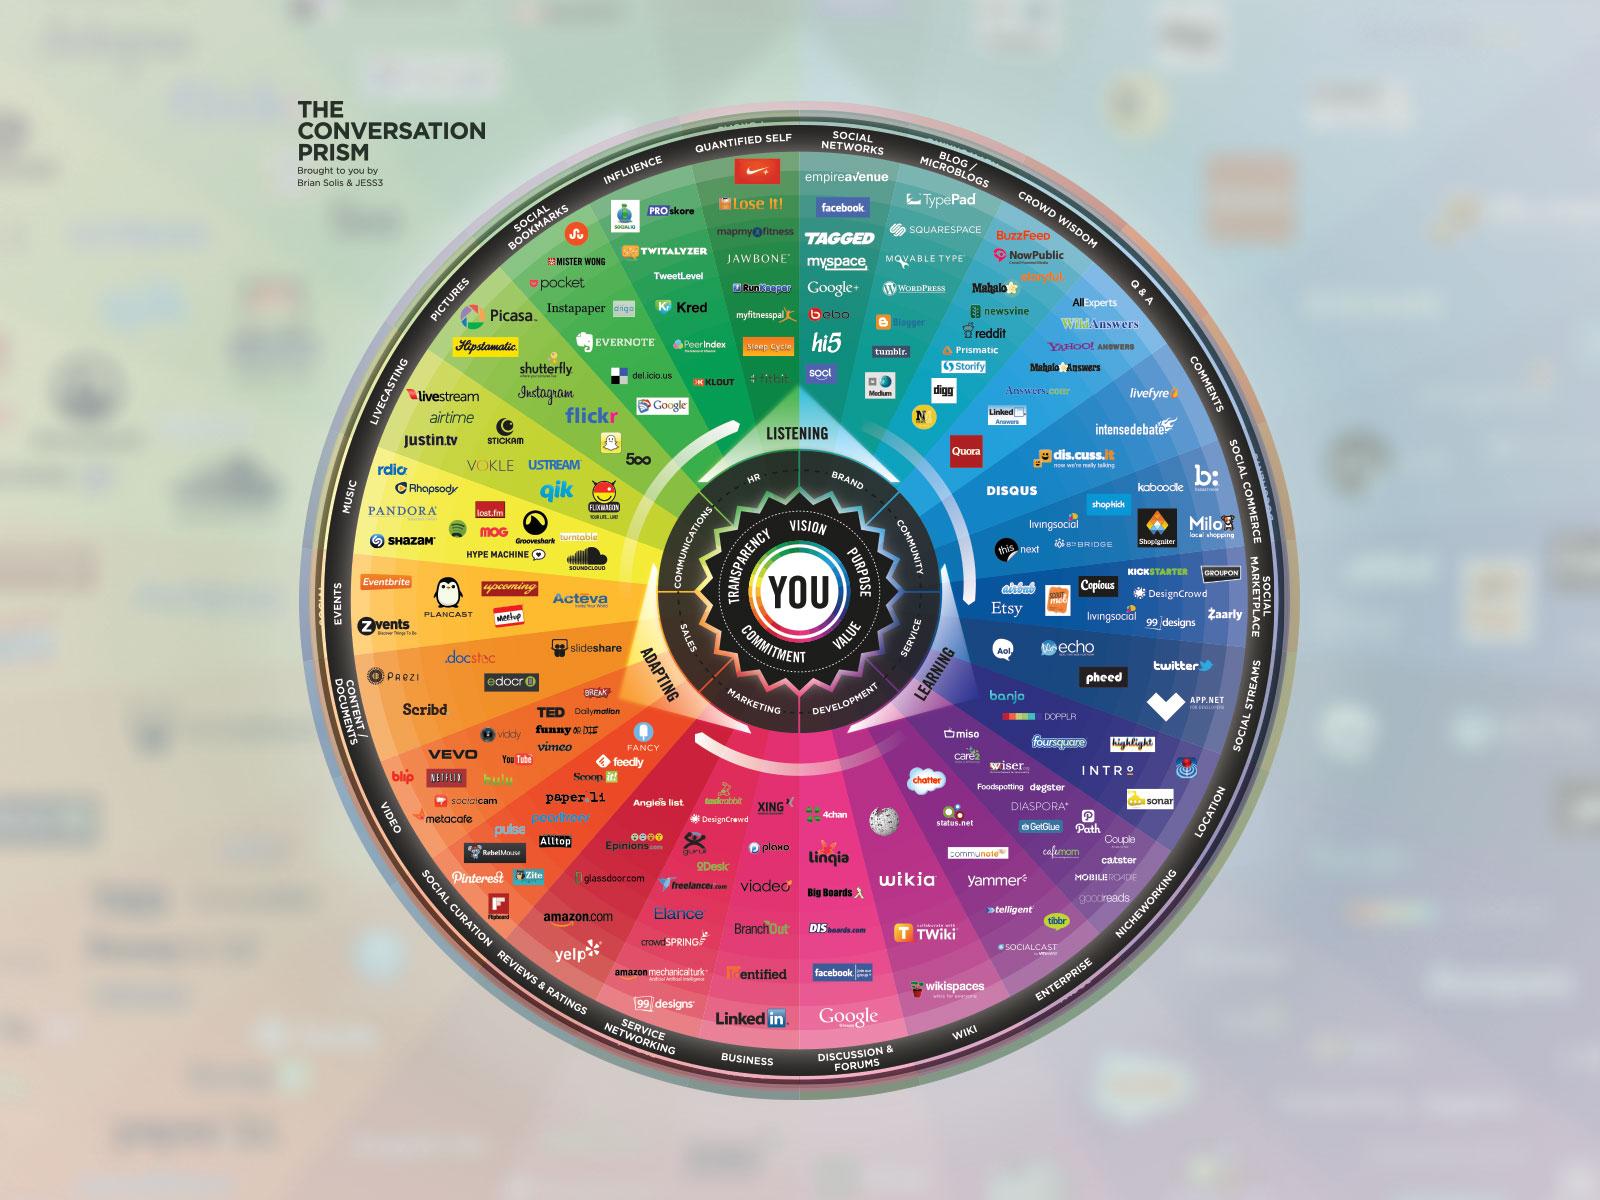 Les médias sociaux incontournables et prometteurs en 2013